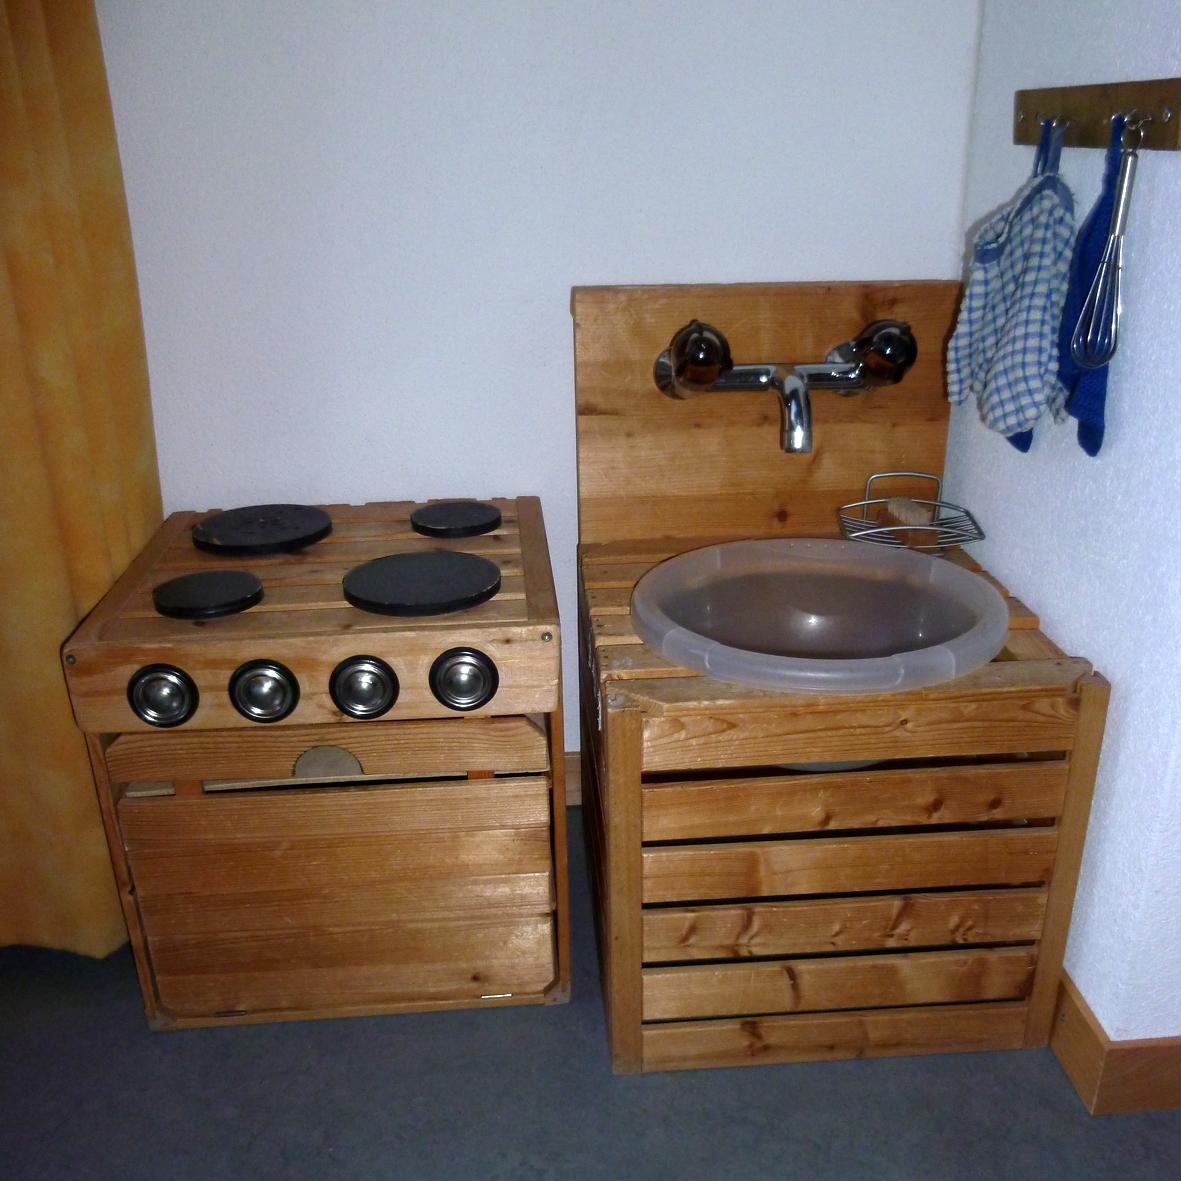 Selbstgebaute Küche schaeresteipapier die kinderküche in vielen variationen